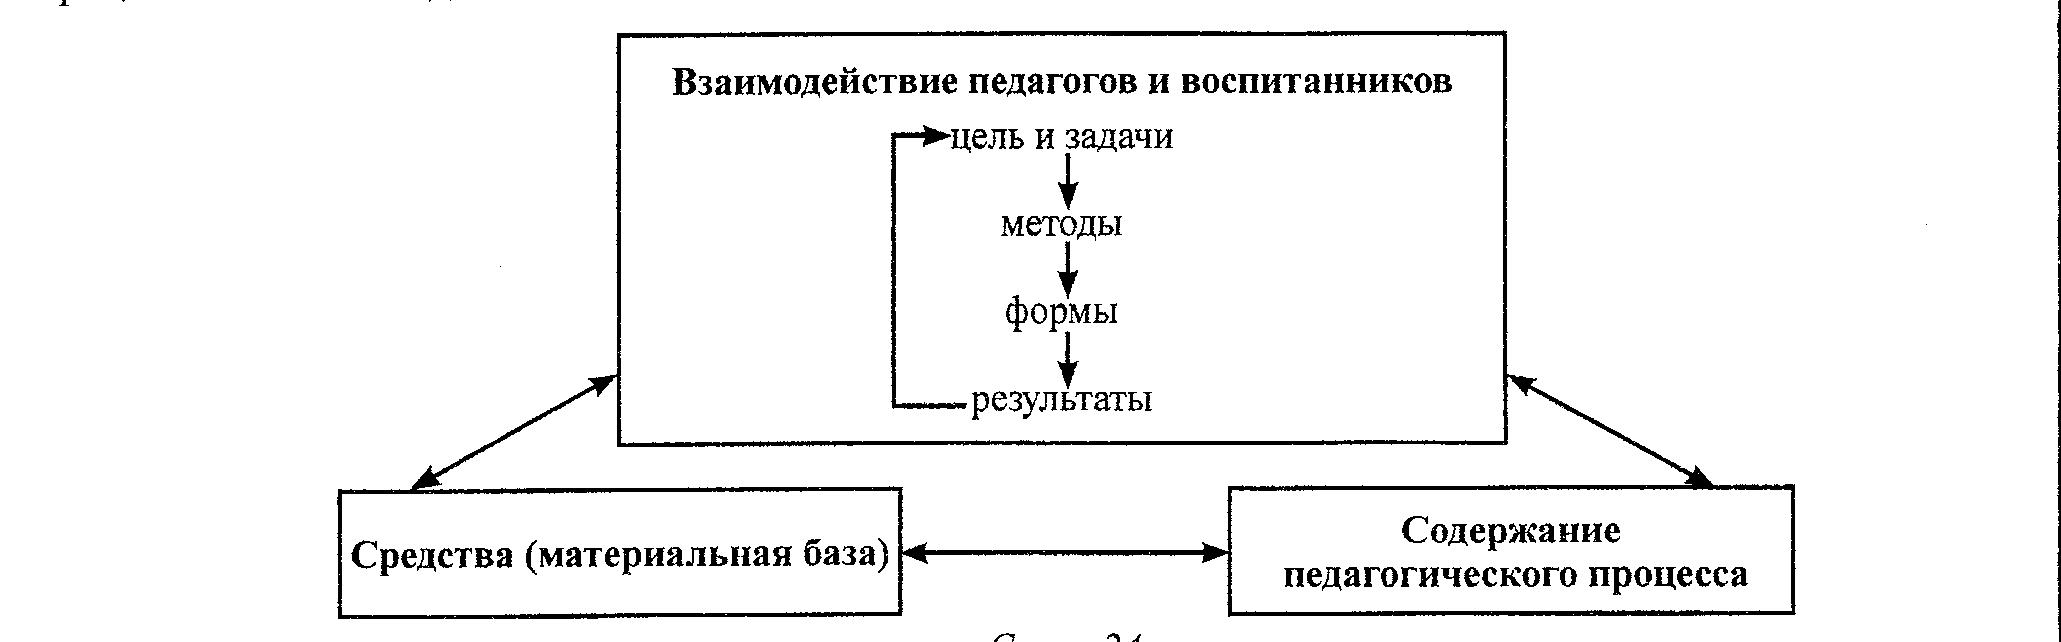 Сущность и структура педагогического процесса реферат 1583